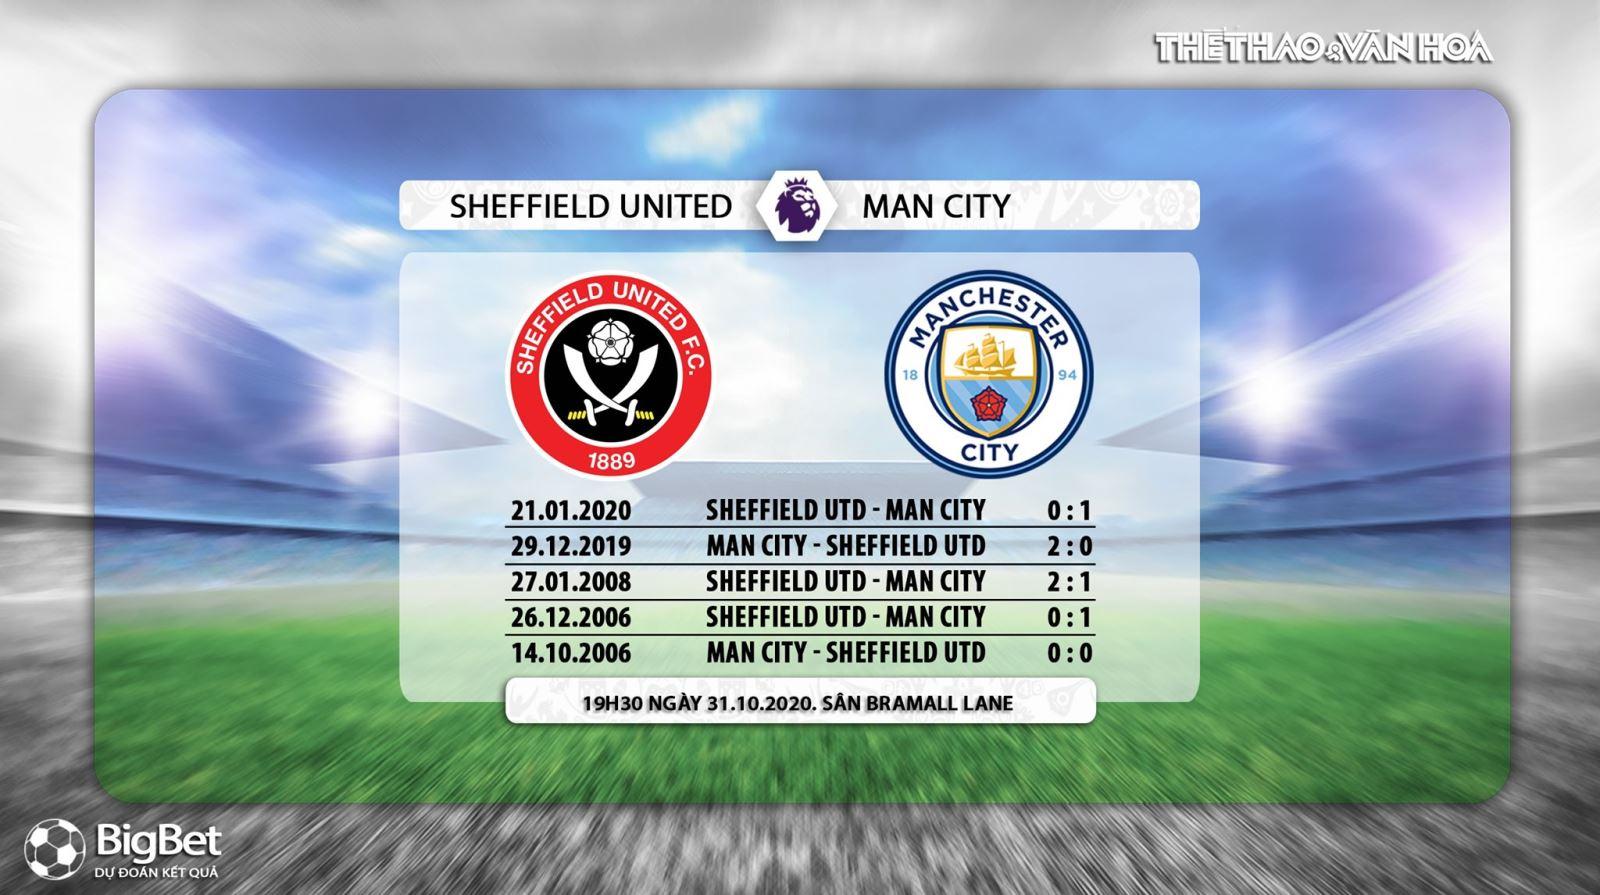 Truc tiep bong da, K+PM, Sheffield United vs Man City, Burnley Chelsea, Xem K+, xem trực tuyến bóng đá Anh, ngoại hạng Anh, lịch thi đấu bóng đá, tin tức bóng đá